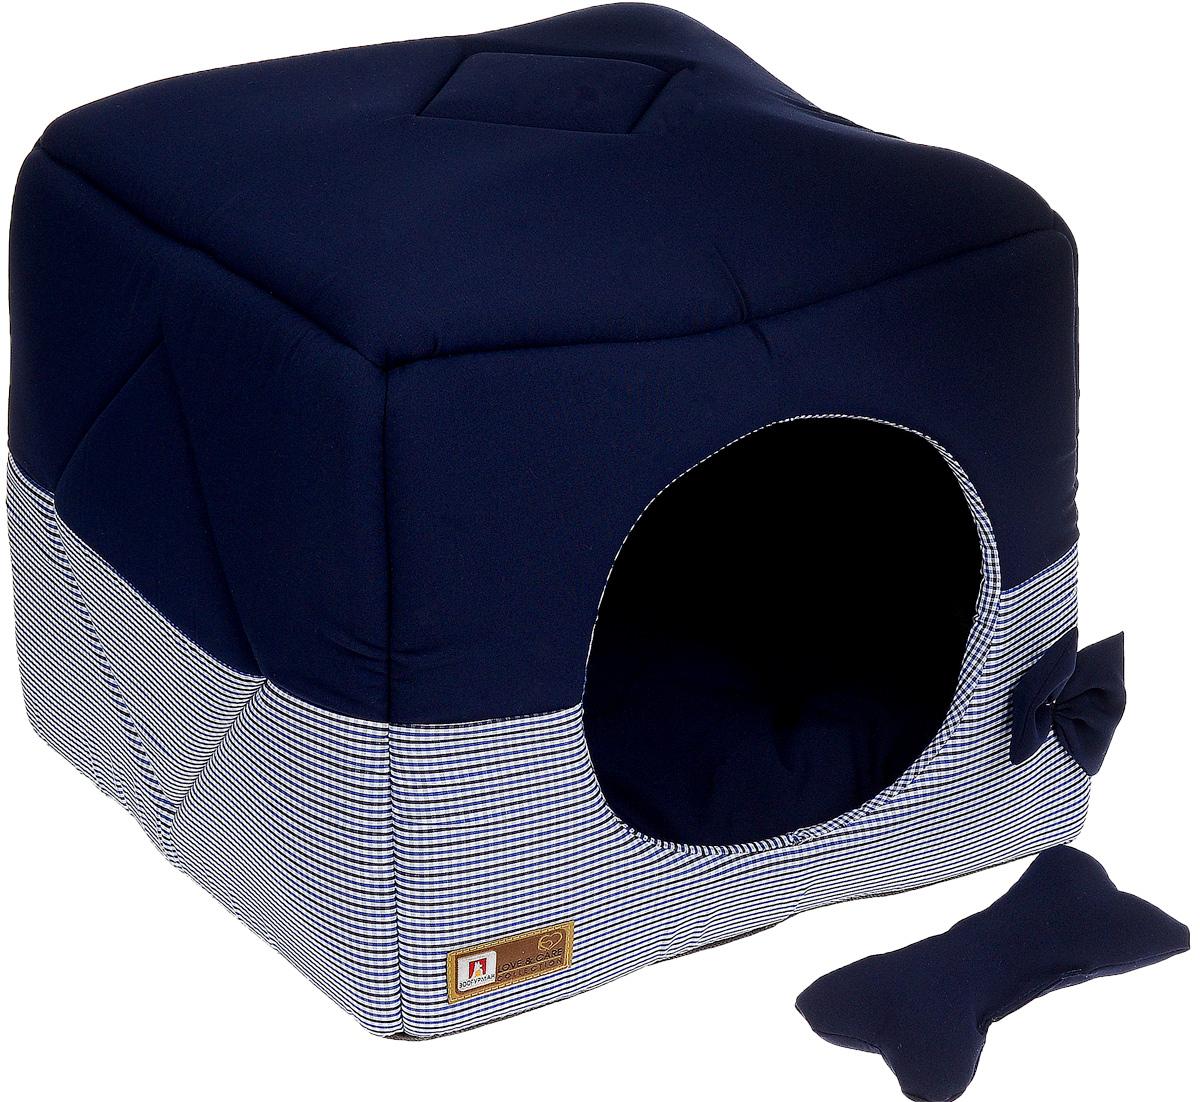 Лежак для собак и кошек Зоогурман Домосед, цвет: синий, 45 х 45 х 45 см2120_синий, мелкая клеткаОригинальный и мягкий лежак для кошек и собак Зоогурман Домосед обязательно понравится вашему питомцу. Лежак выполнен из приятного материала. Уникальная конструкция лежака имеет два варианта использования: - лежанка, с высокими бортиками и мягкой внутренней подушкой, - закрытый домик с мягкой подушкой внутри. Универсальный лежак-трансформер непременно понравится вашему питомцу, подарит ему ощущение уюта и комфорта. В комплекте со съемной подушкой мягкая игрушка «косточка». За изделием легко ухаживать, можно стирать вручную или в стиральной машине при температуре 40°С. Материал: микро волоконная шерстяная ткань. Наполнитель: гипоаллергенное синтетическое волокно. Наполнитель матрасика: шерсть. Размер: 45 см х 45 см х 45 см. Размер лежанки: 45 см х 20 см х 45 см.